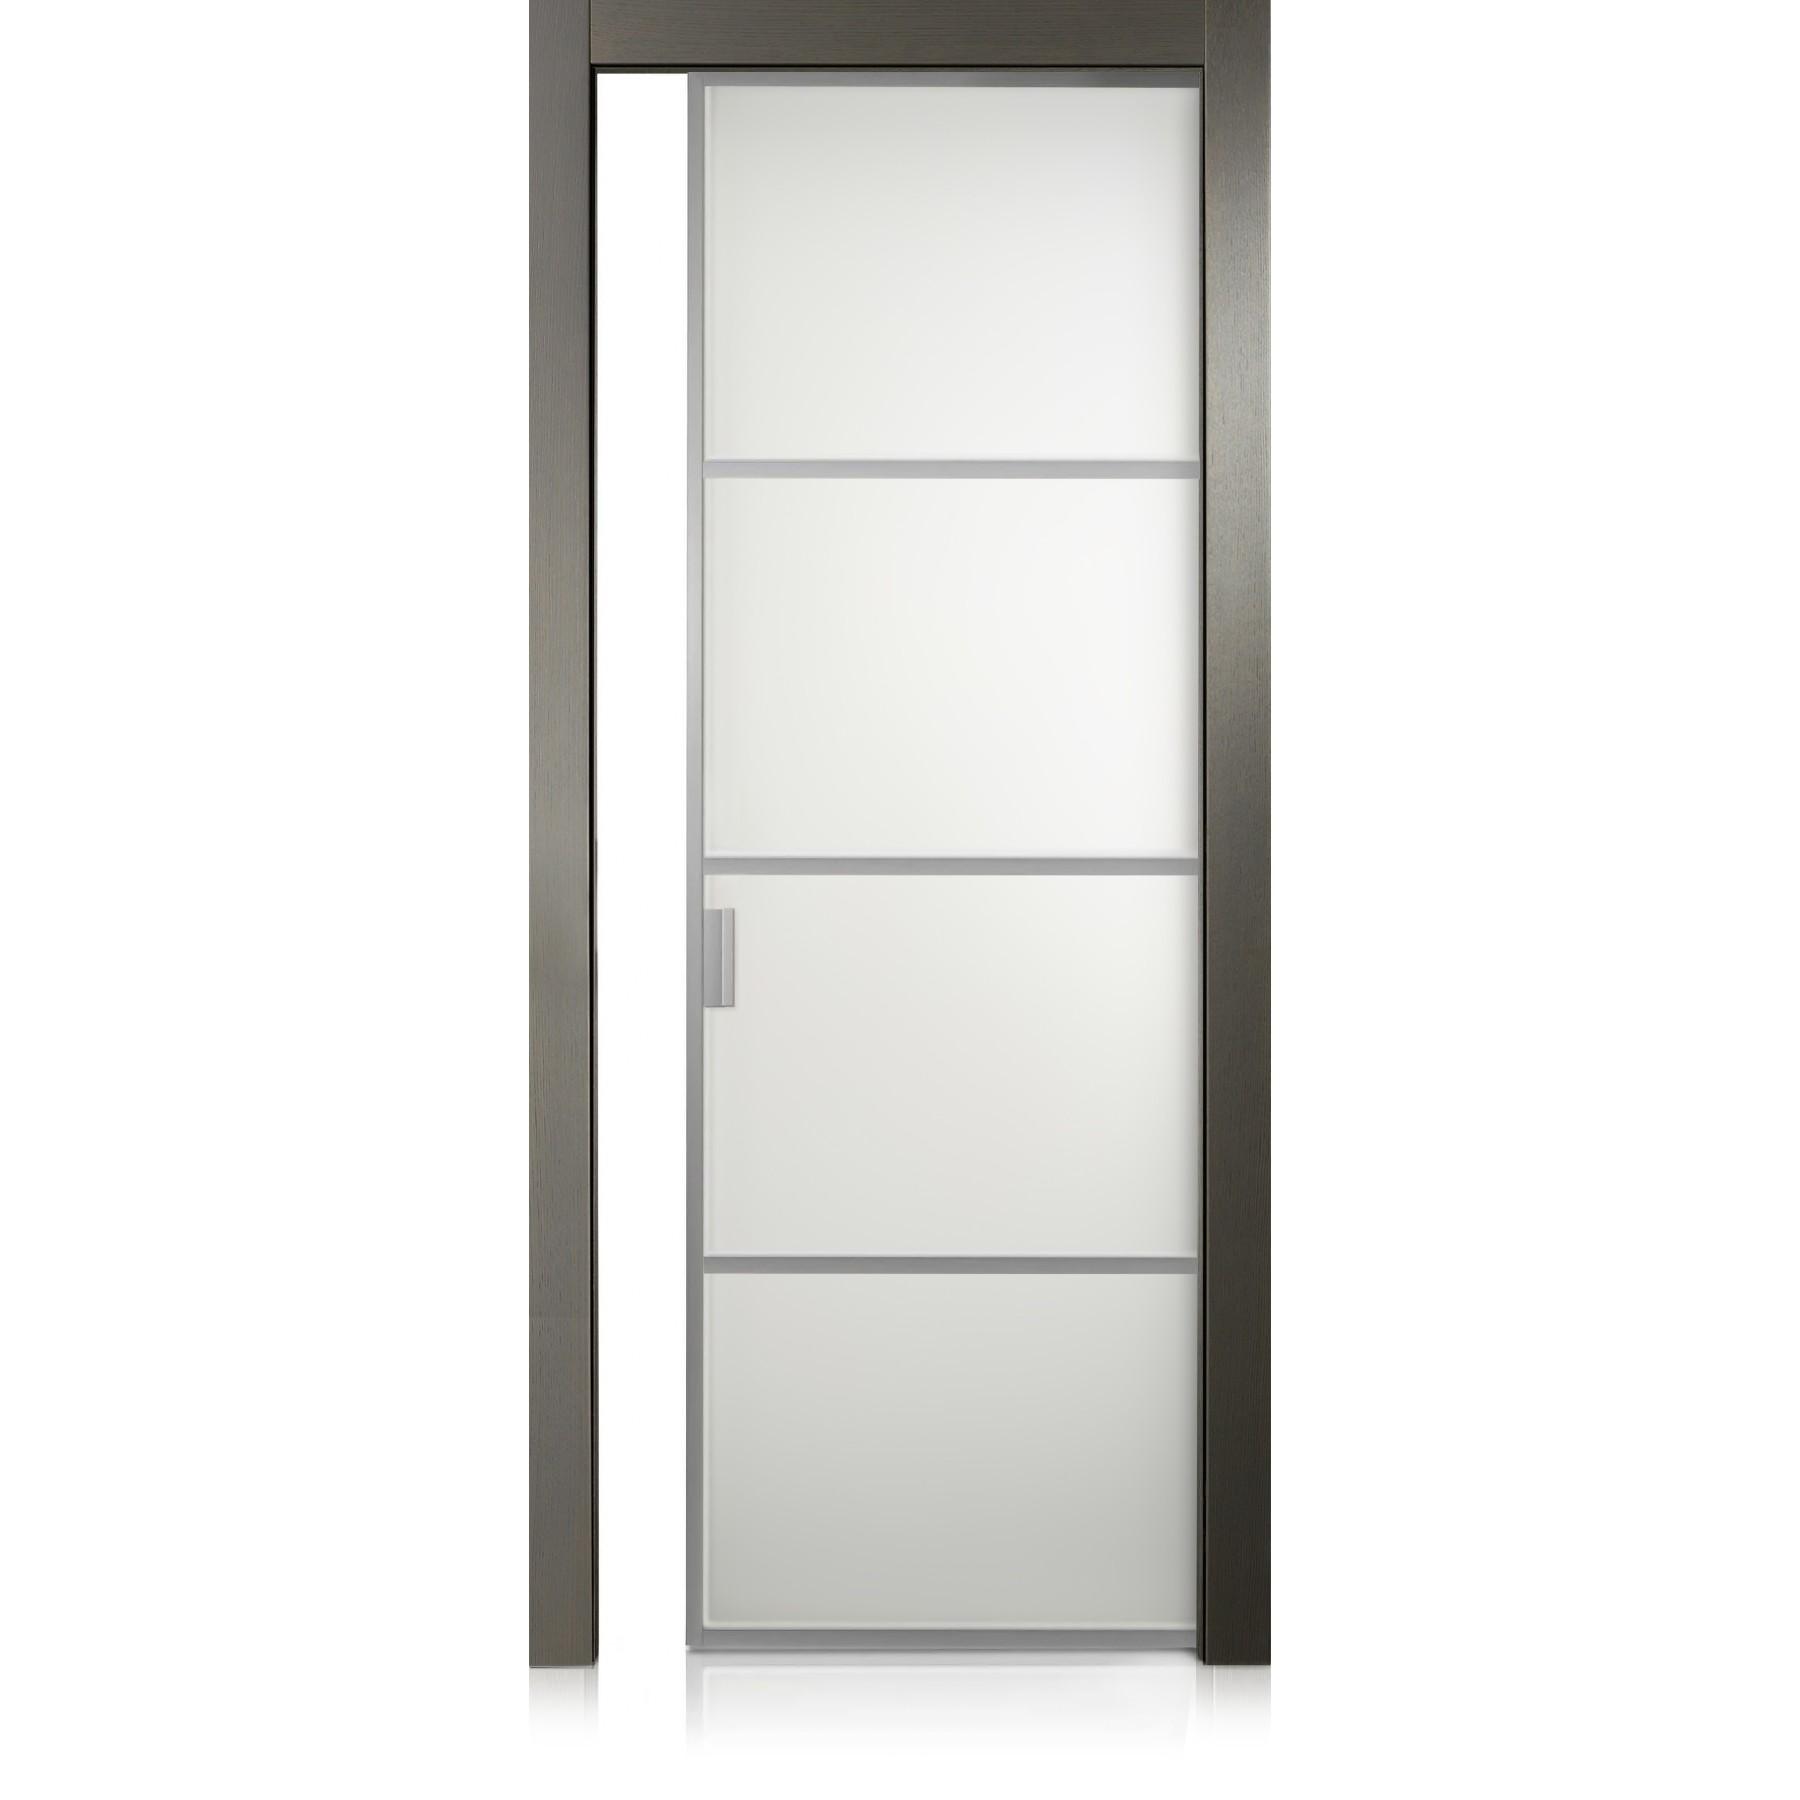 Porta Cristal Frame / 3 ecorovere grigio